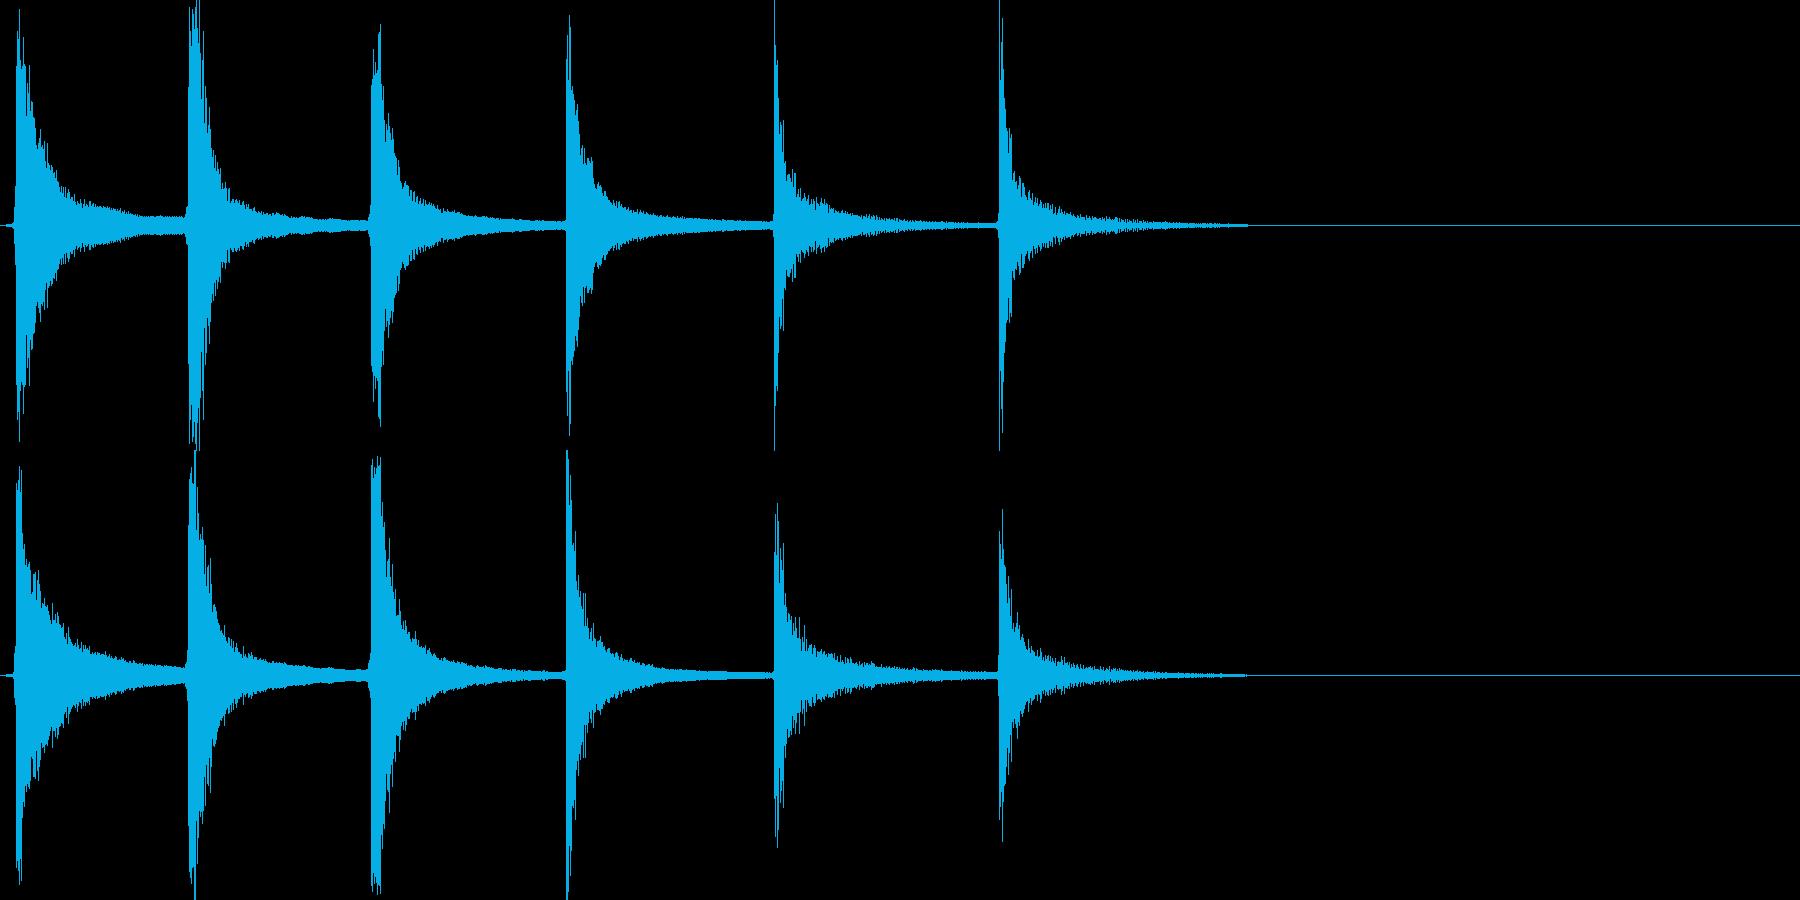 テュンテュンテュン…↓(失敗、コミカル)の再生済みの波形